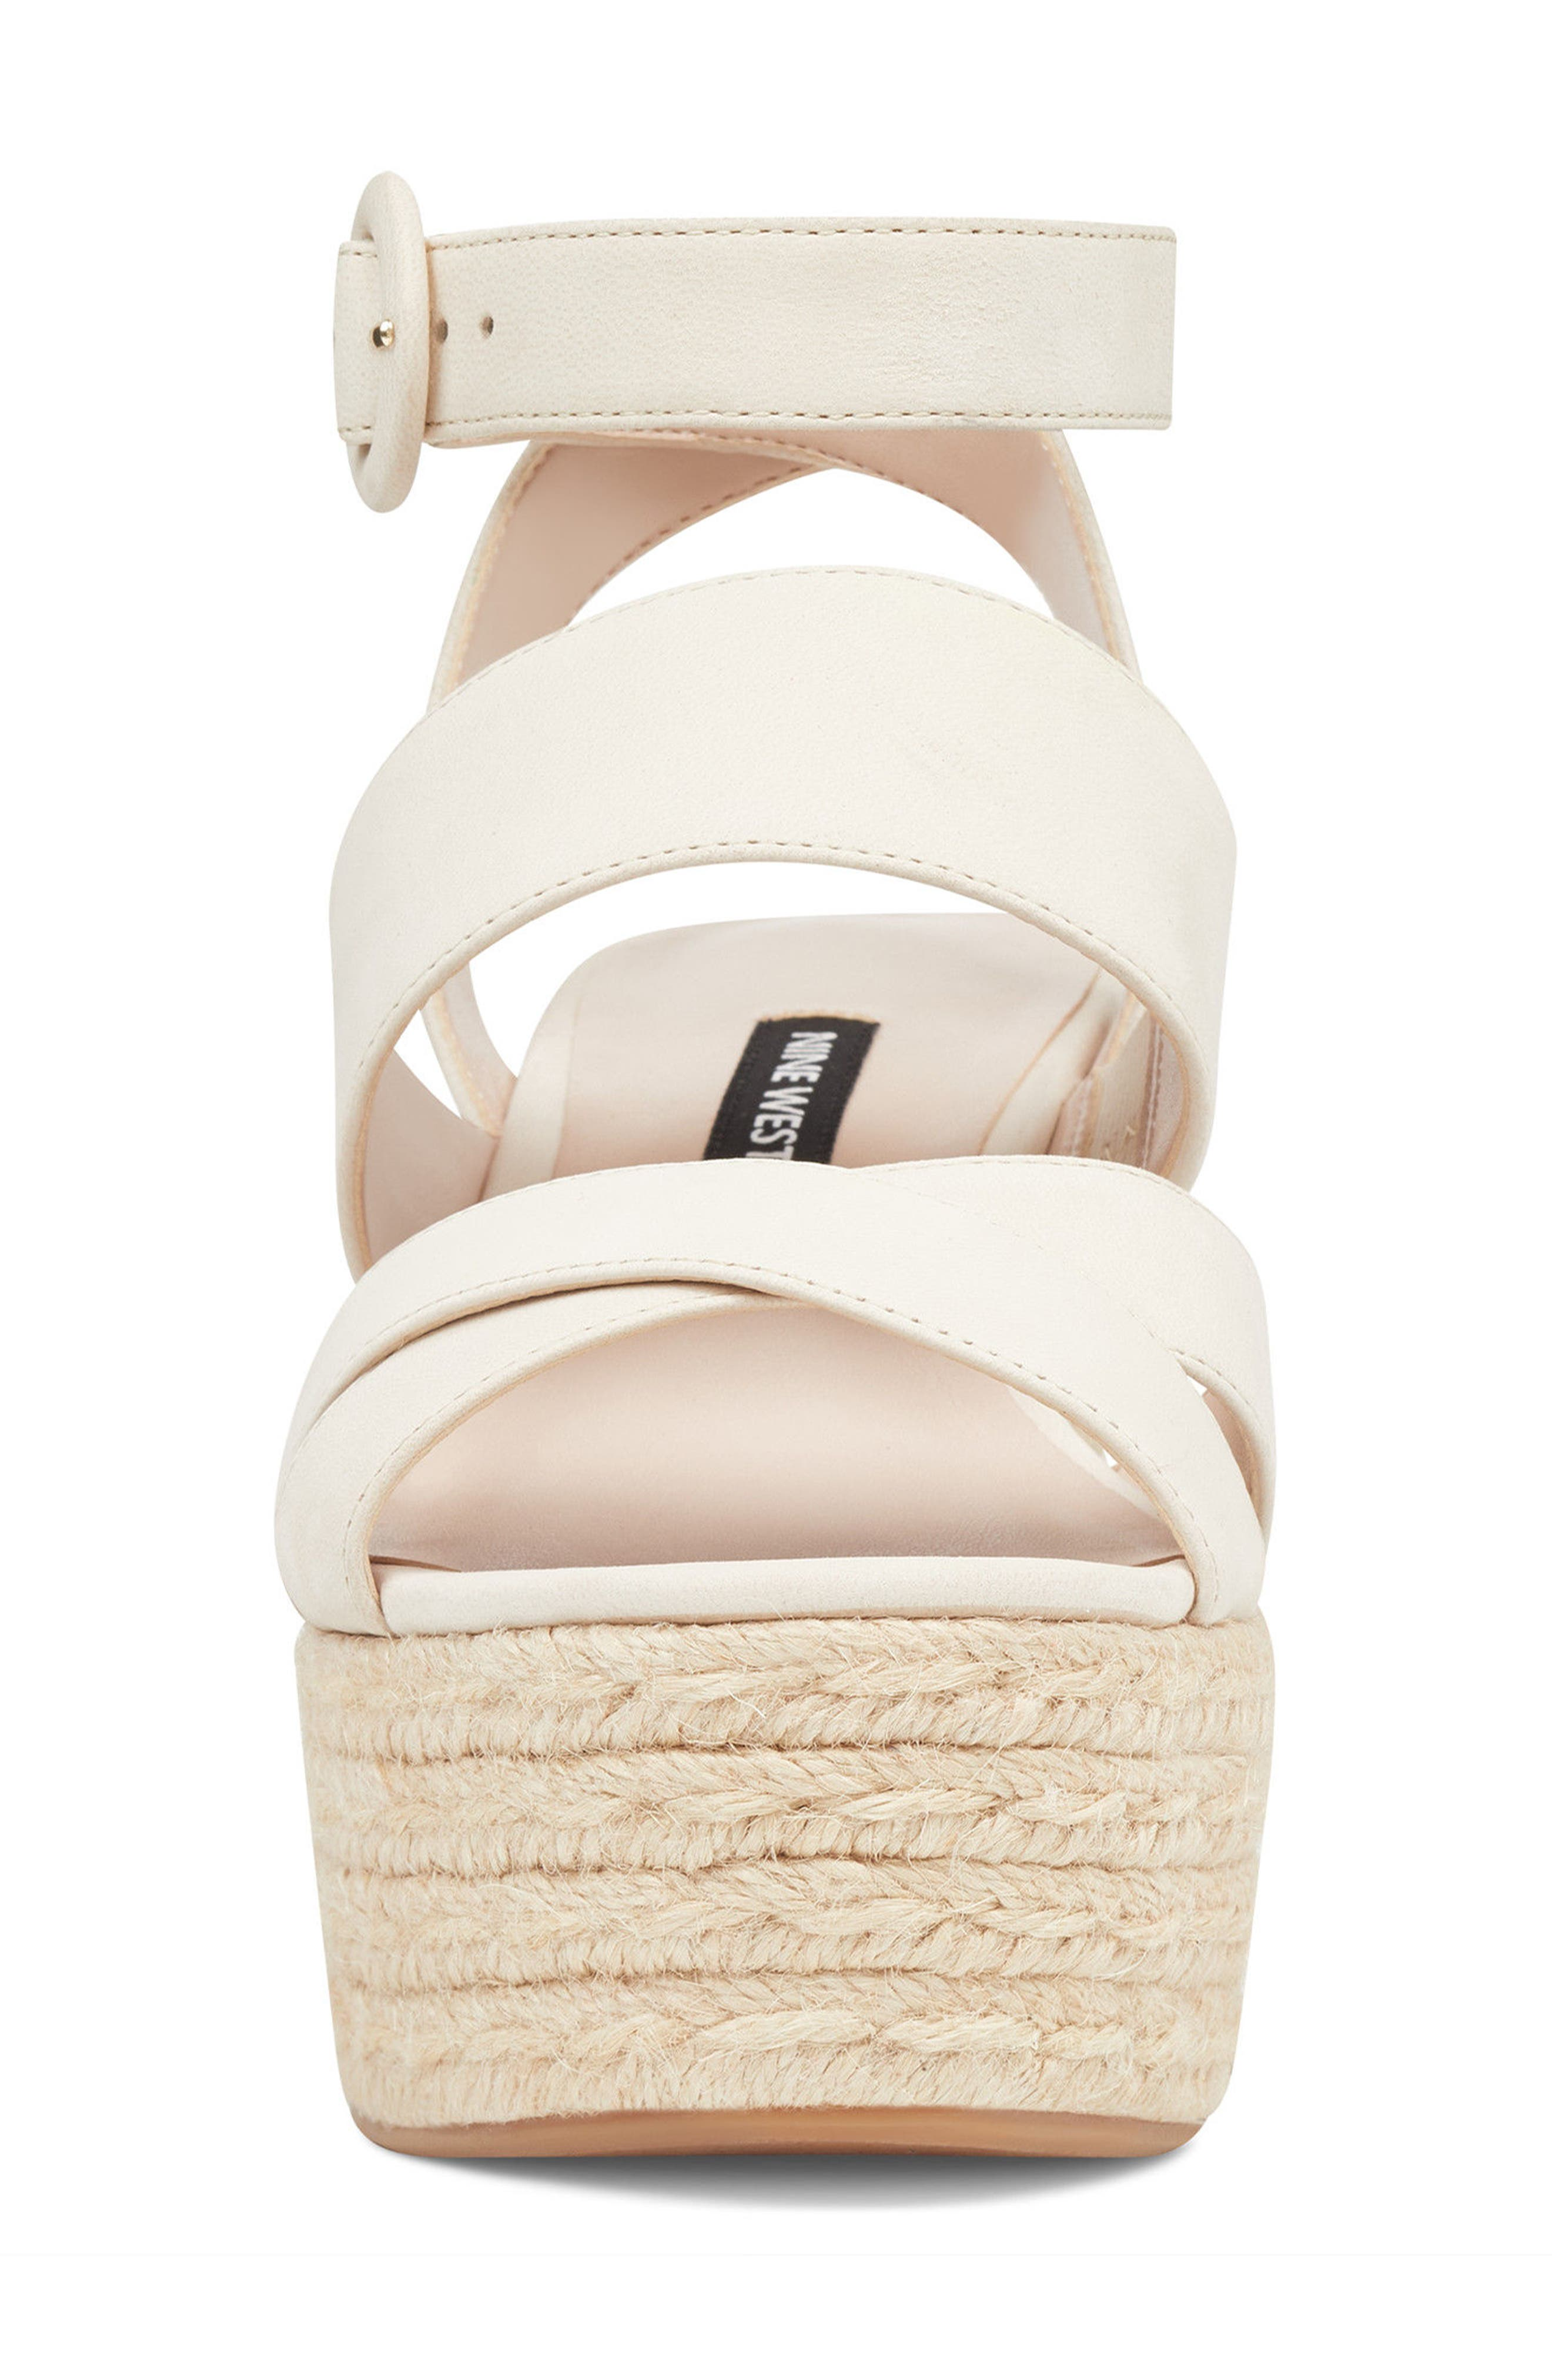 Kushala Espadrille Platform Wedge Sandal,                             Alternate thumbnail 4, color,                             OFF WHITE LEATHER